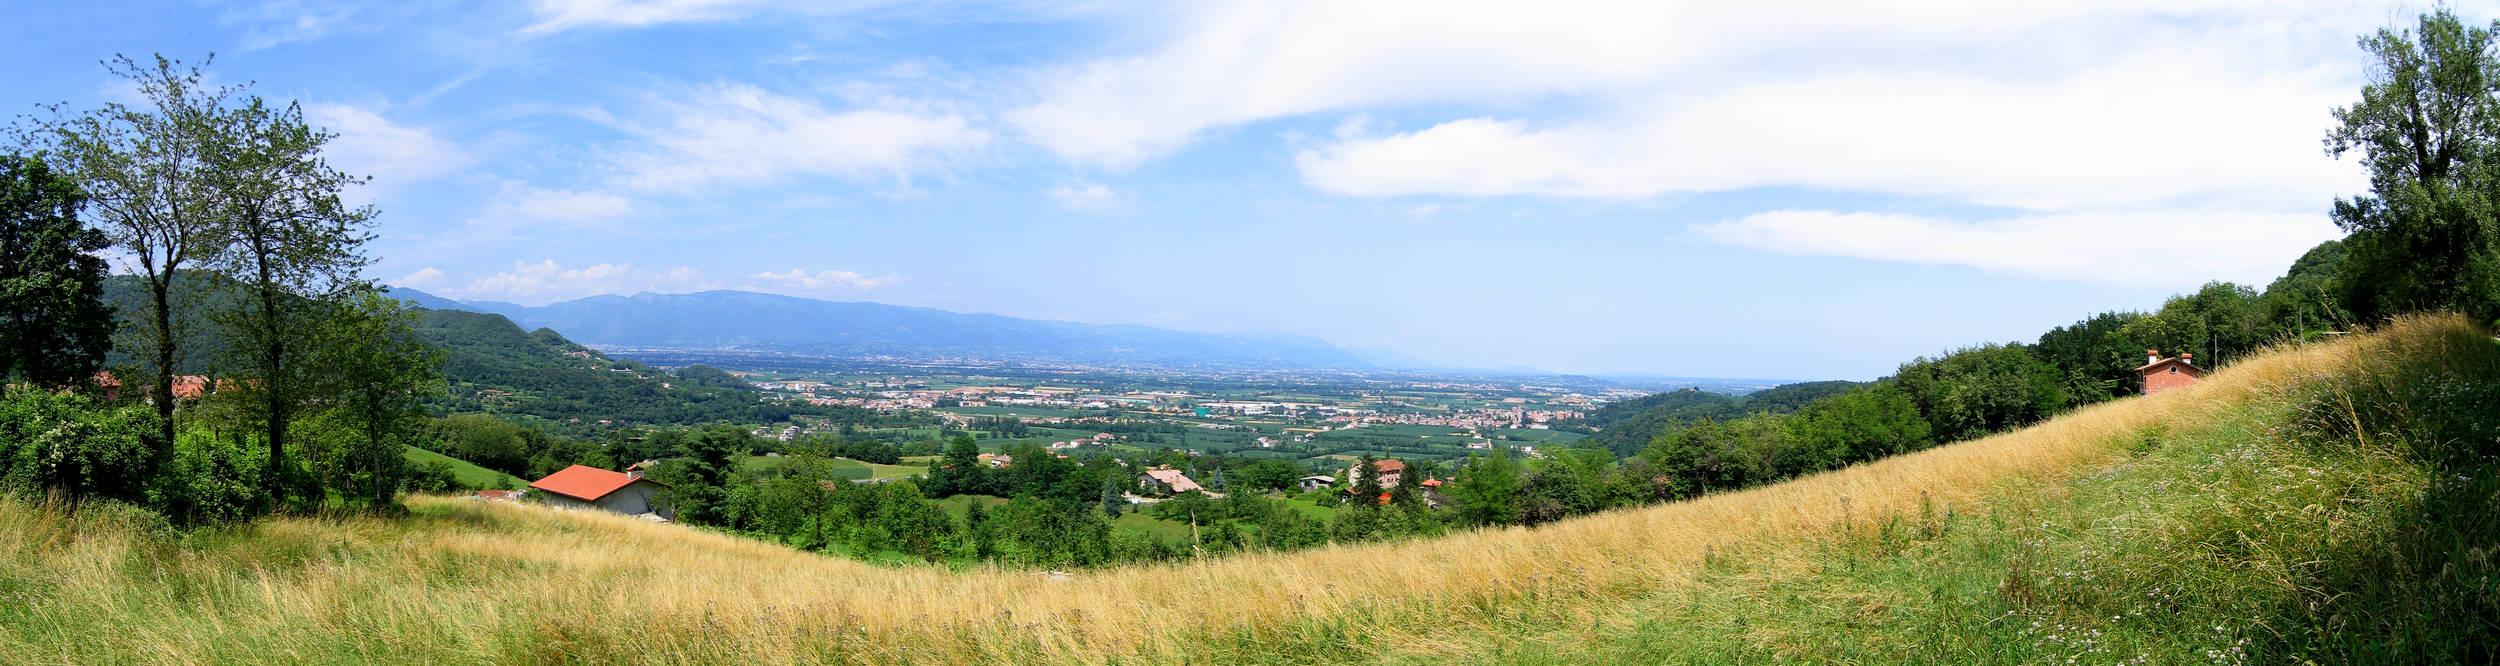 Vicenza Isola Vicentina Da Torreselle Panoramica Sulla Pianura Fotografia Panoramica